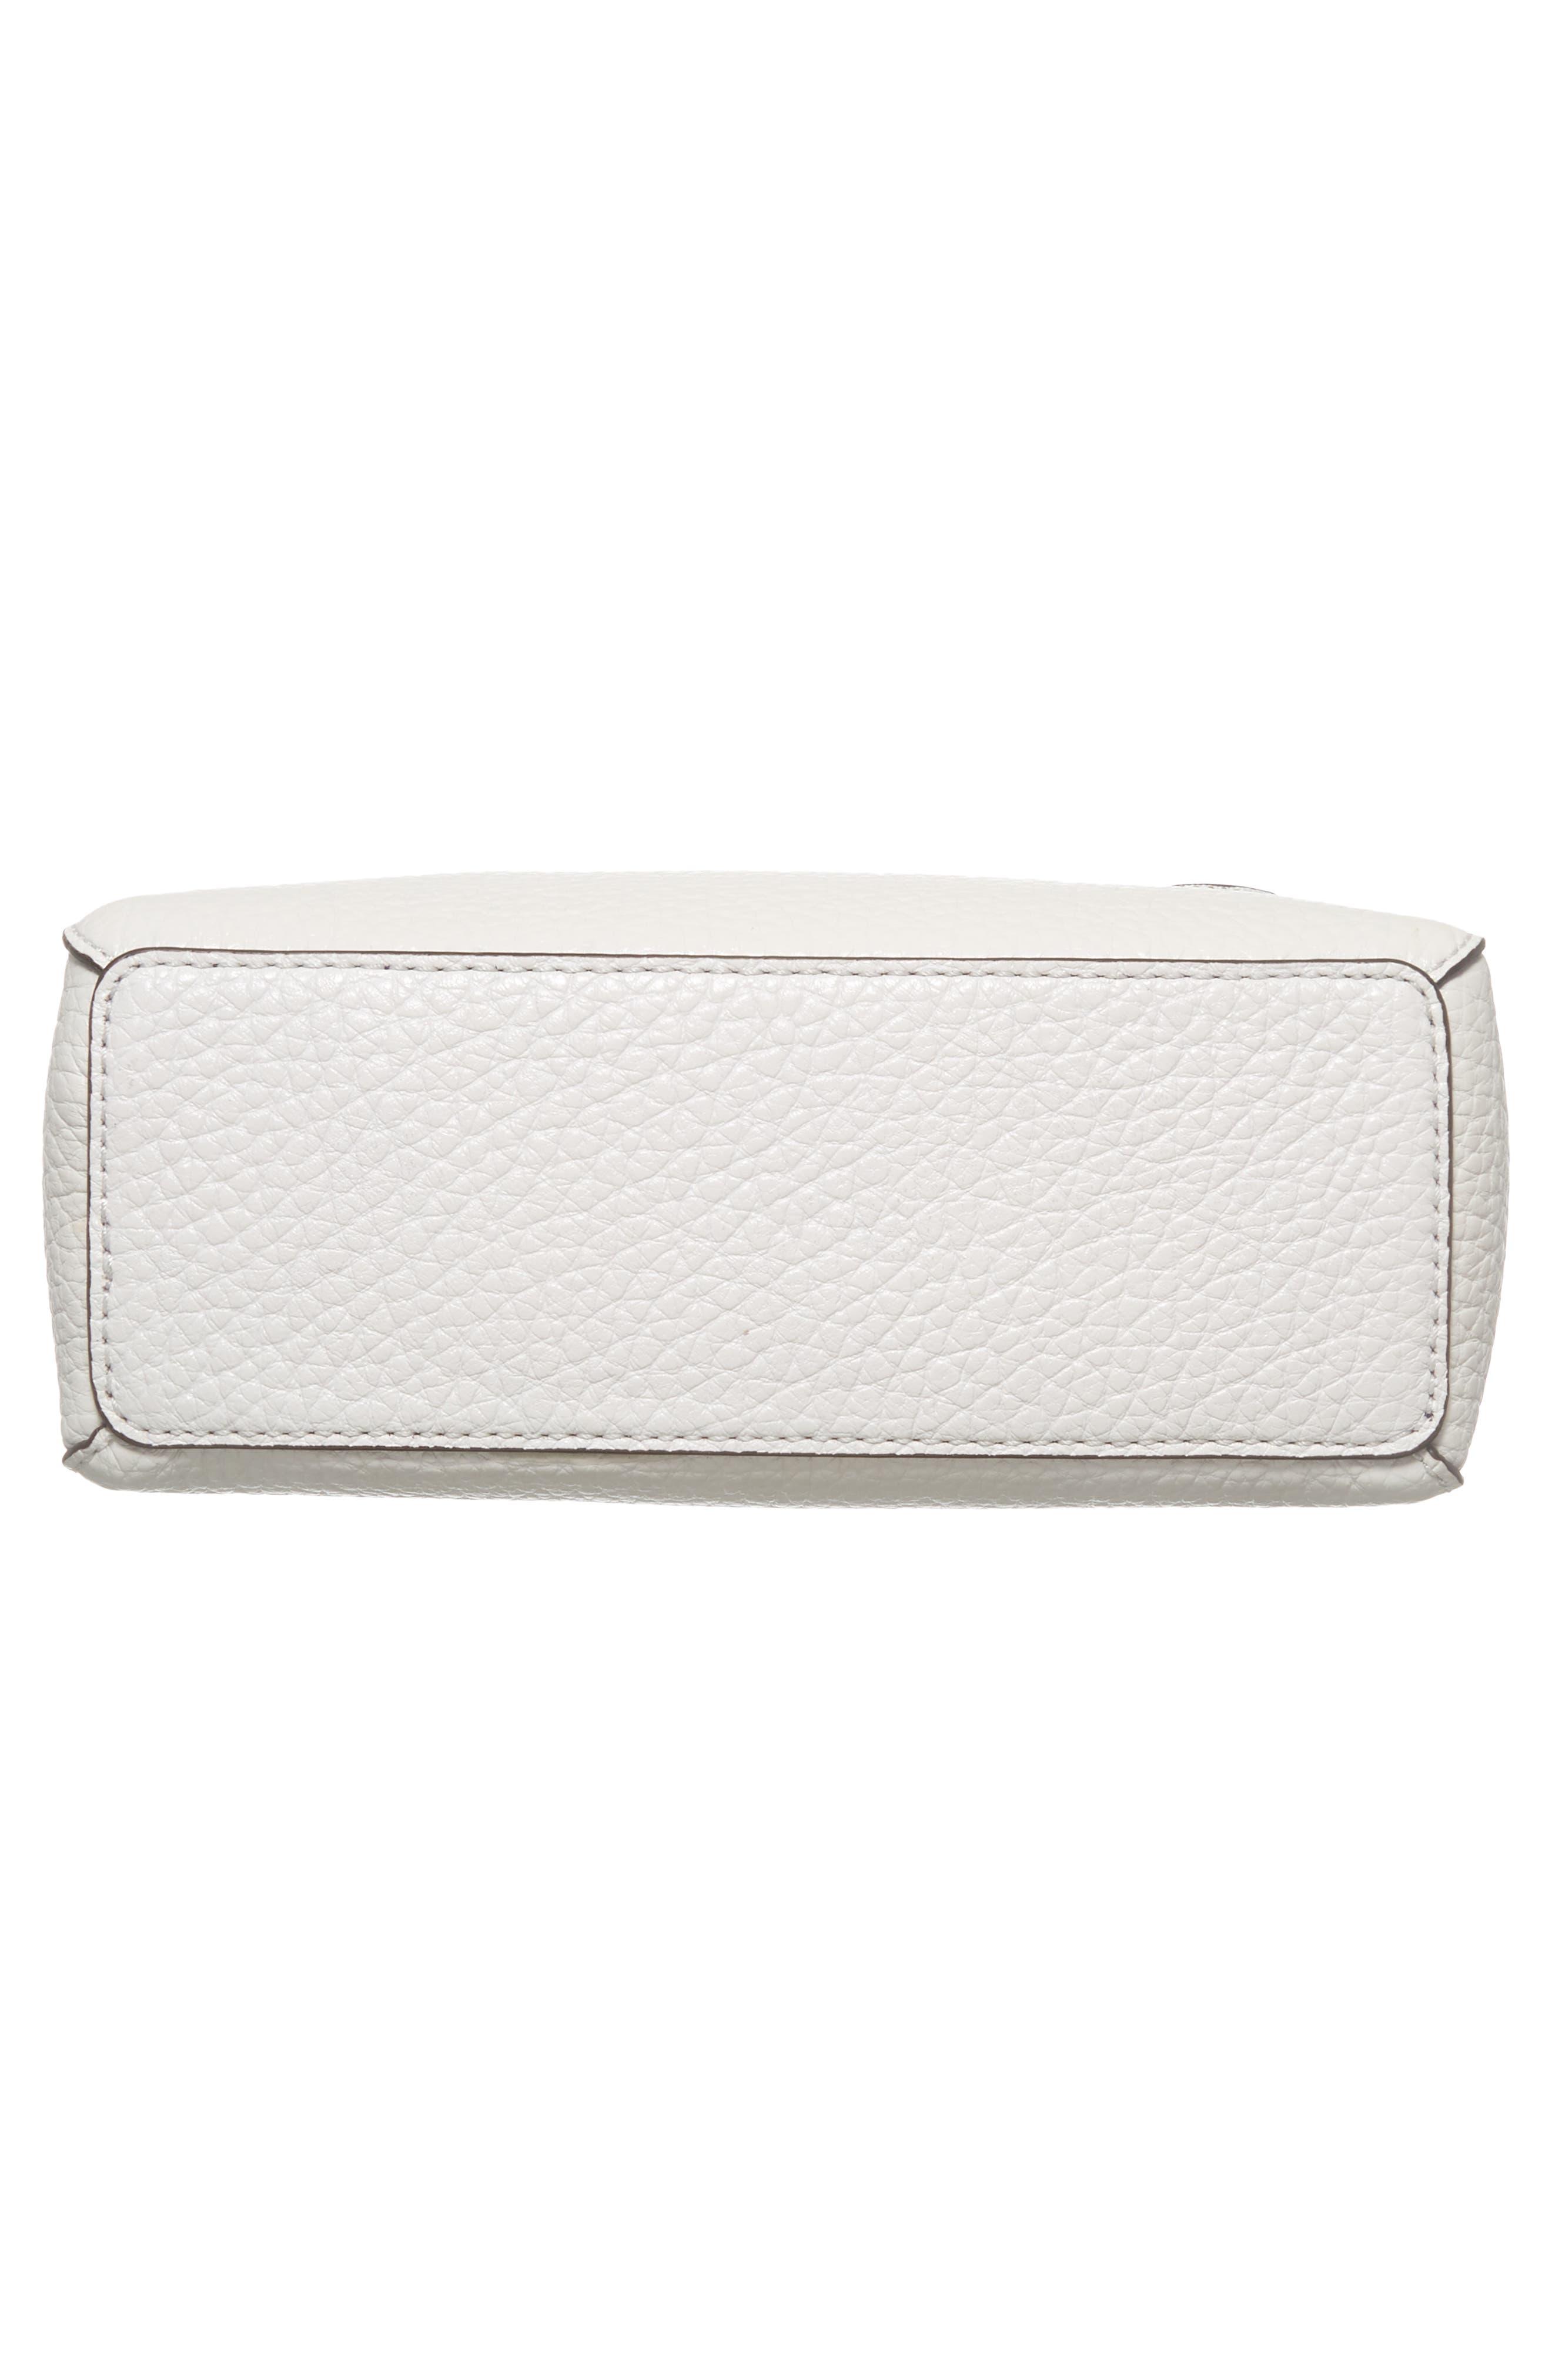 carter street - berrin leather crossbody bag,                             Alternate thumbnail 5, color,                             Bright White